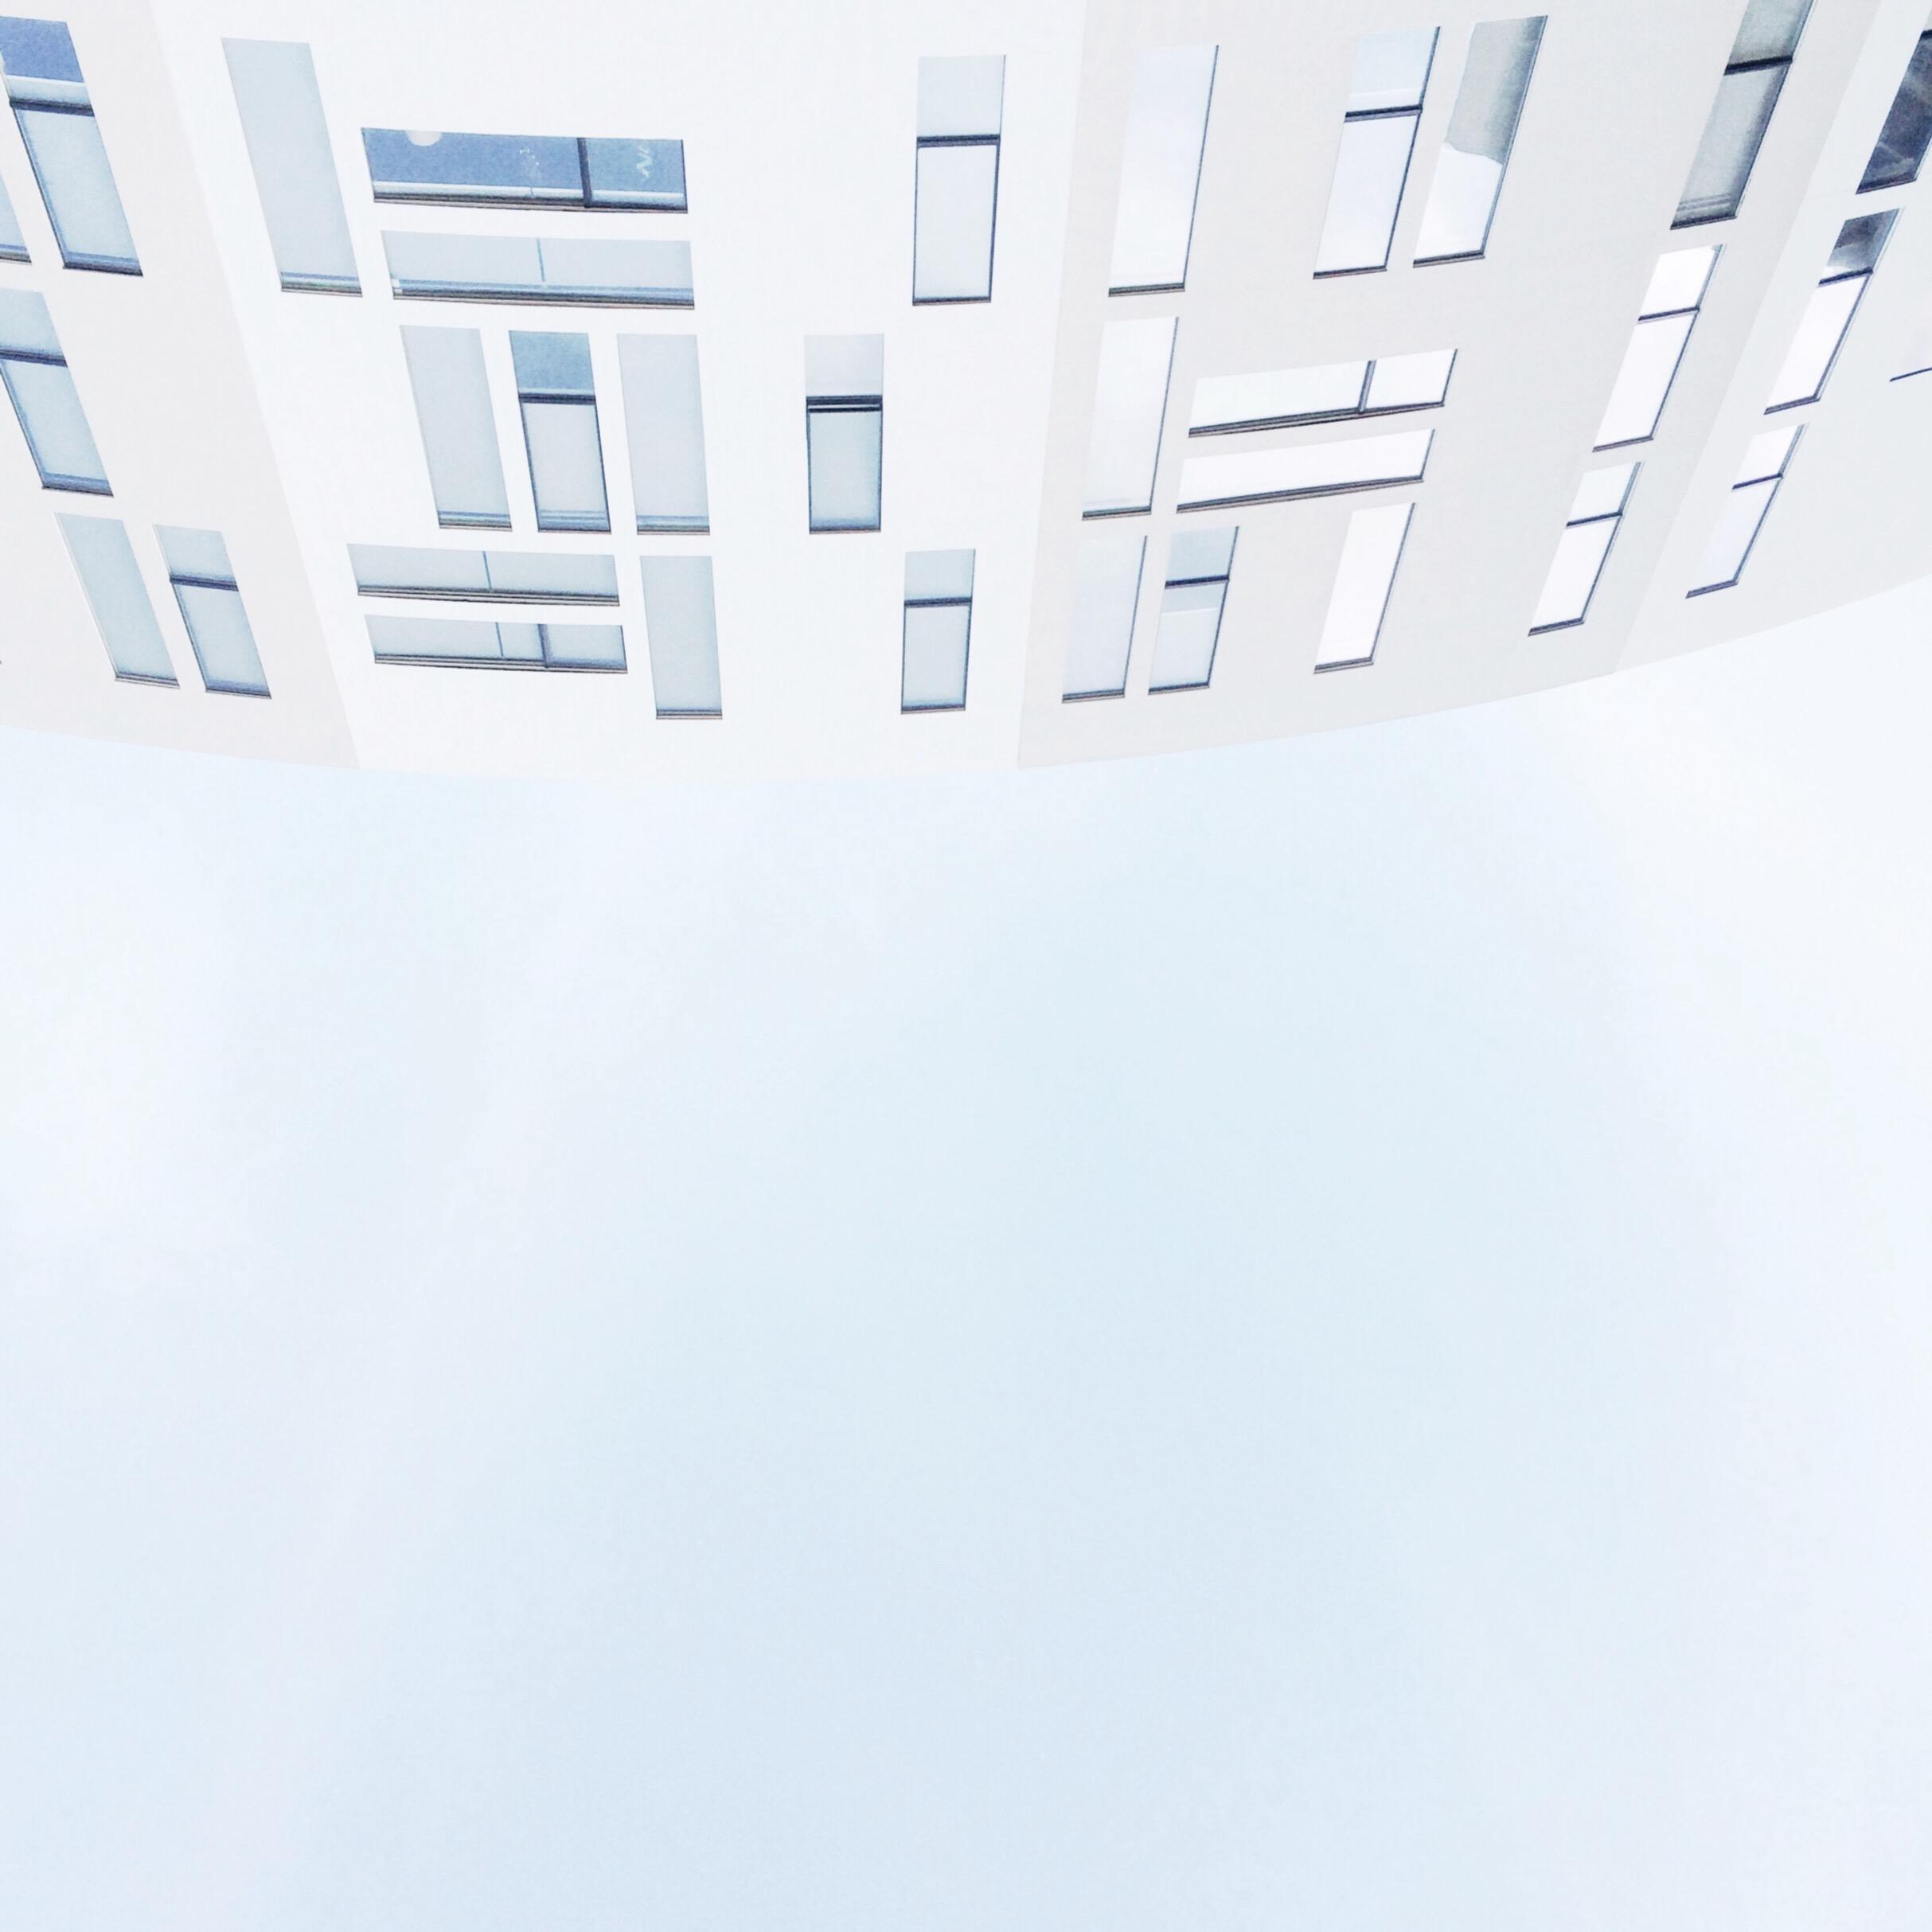 Stef_Etow_architecture_sky.jpg